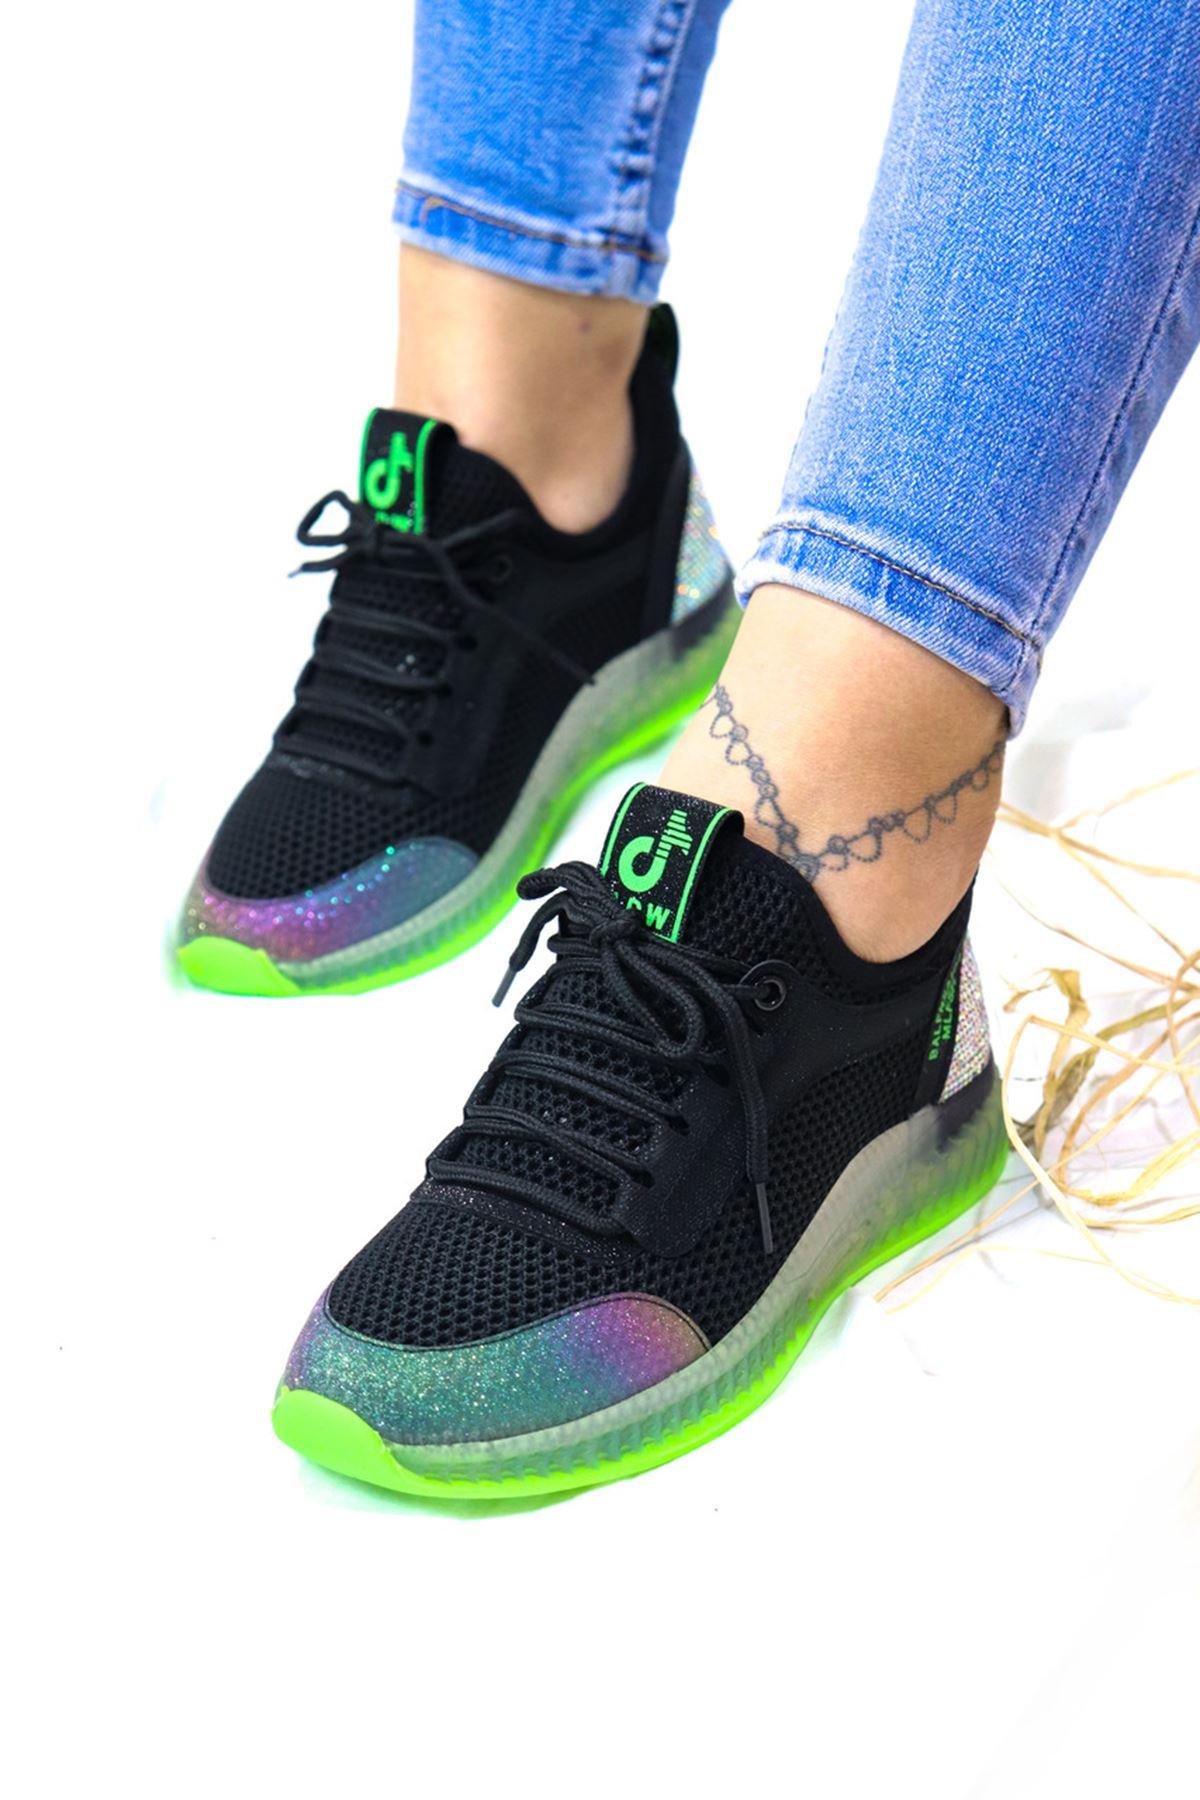 Guja - 21Y313-1 Siyah Yeşil Detaylı Kadın Spor Ayakkabısı